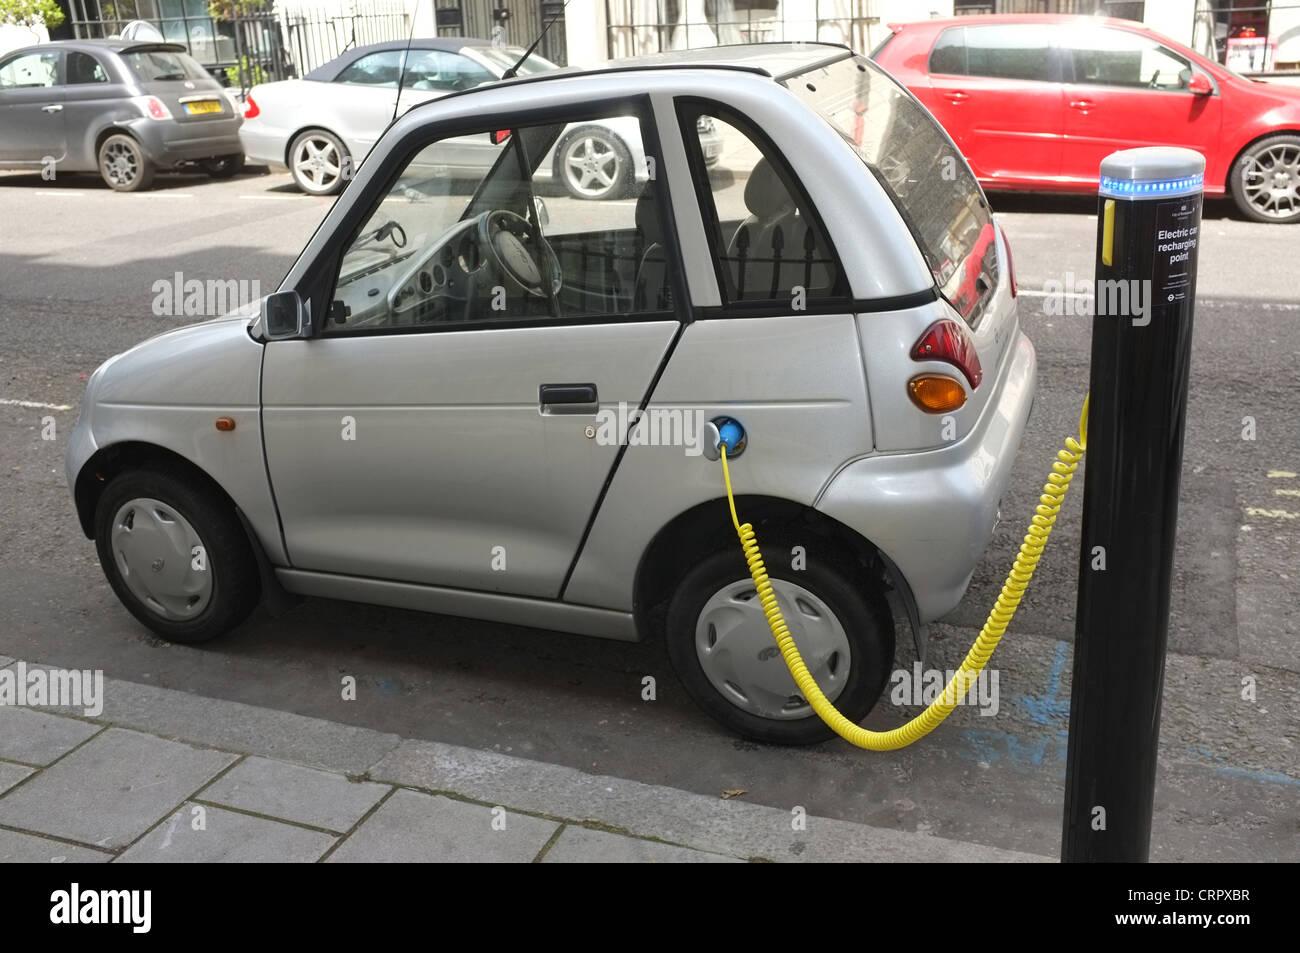 Un G-Wiz voiture électrique connecté à un point de recharge à Hinde Street Westminster Photo Stock